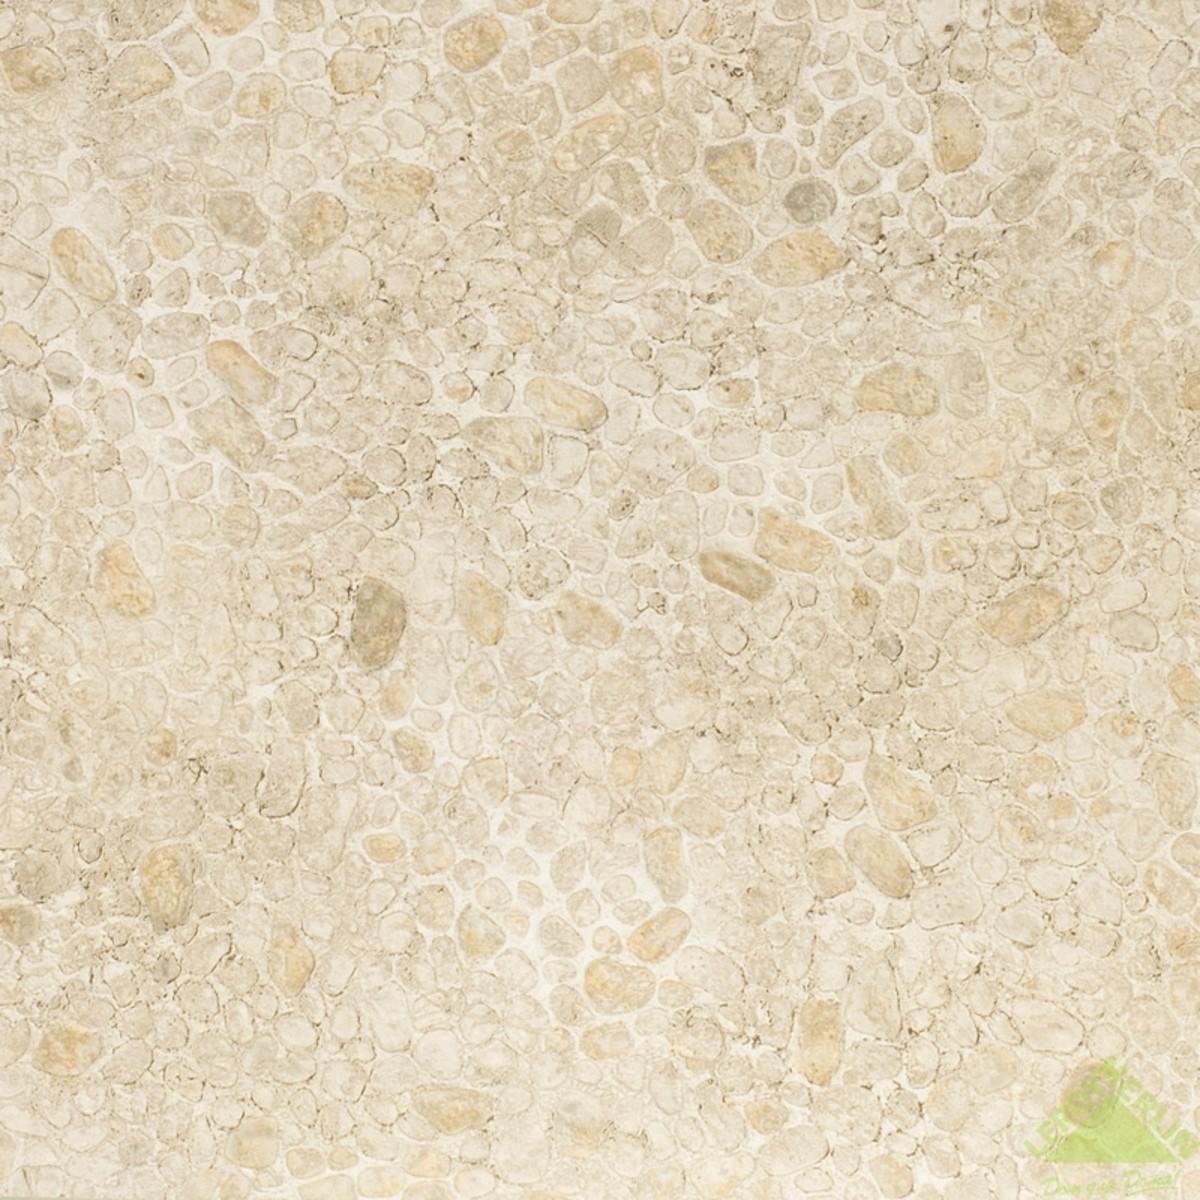 Стеновая панель №7167 305х0.5х60 см МДФ цвет светло-серый